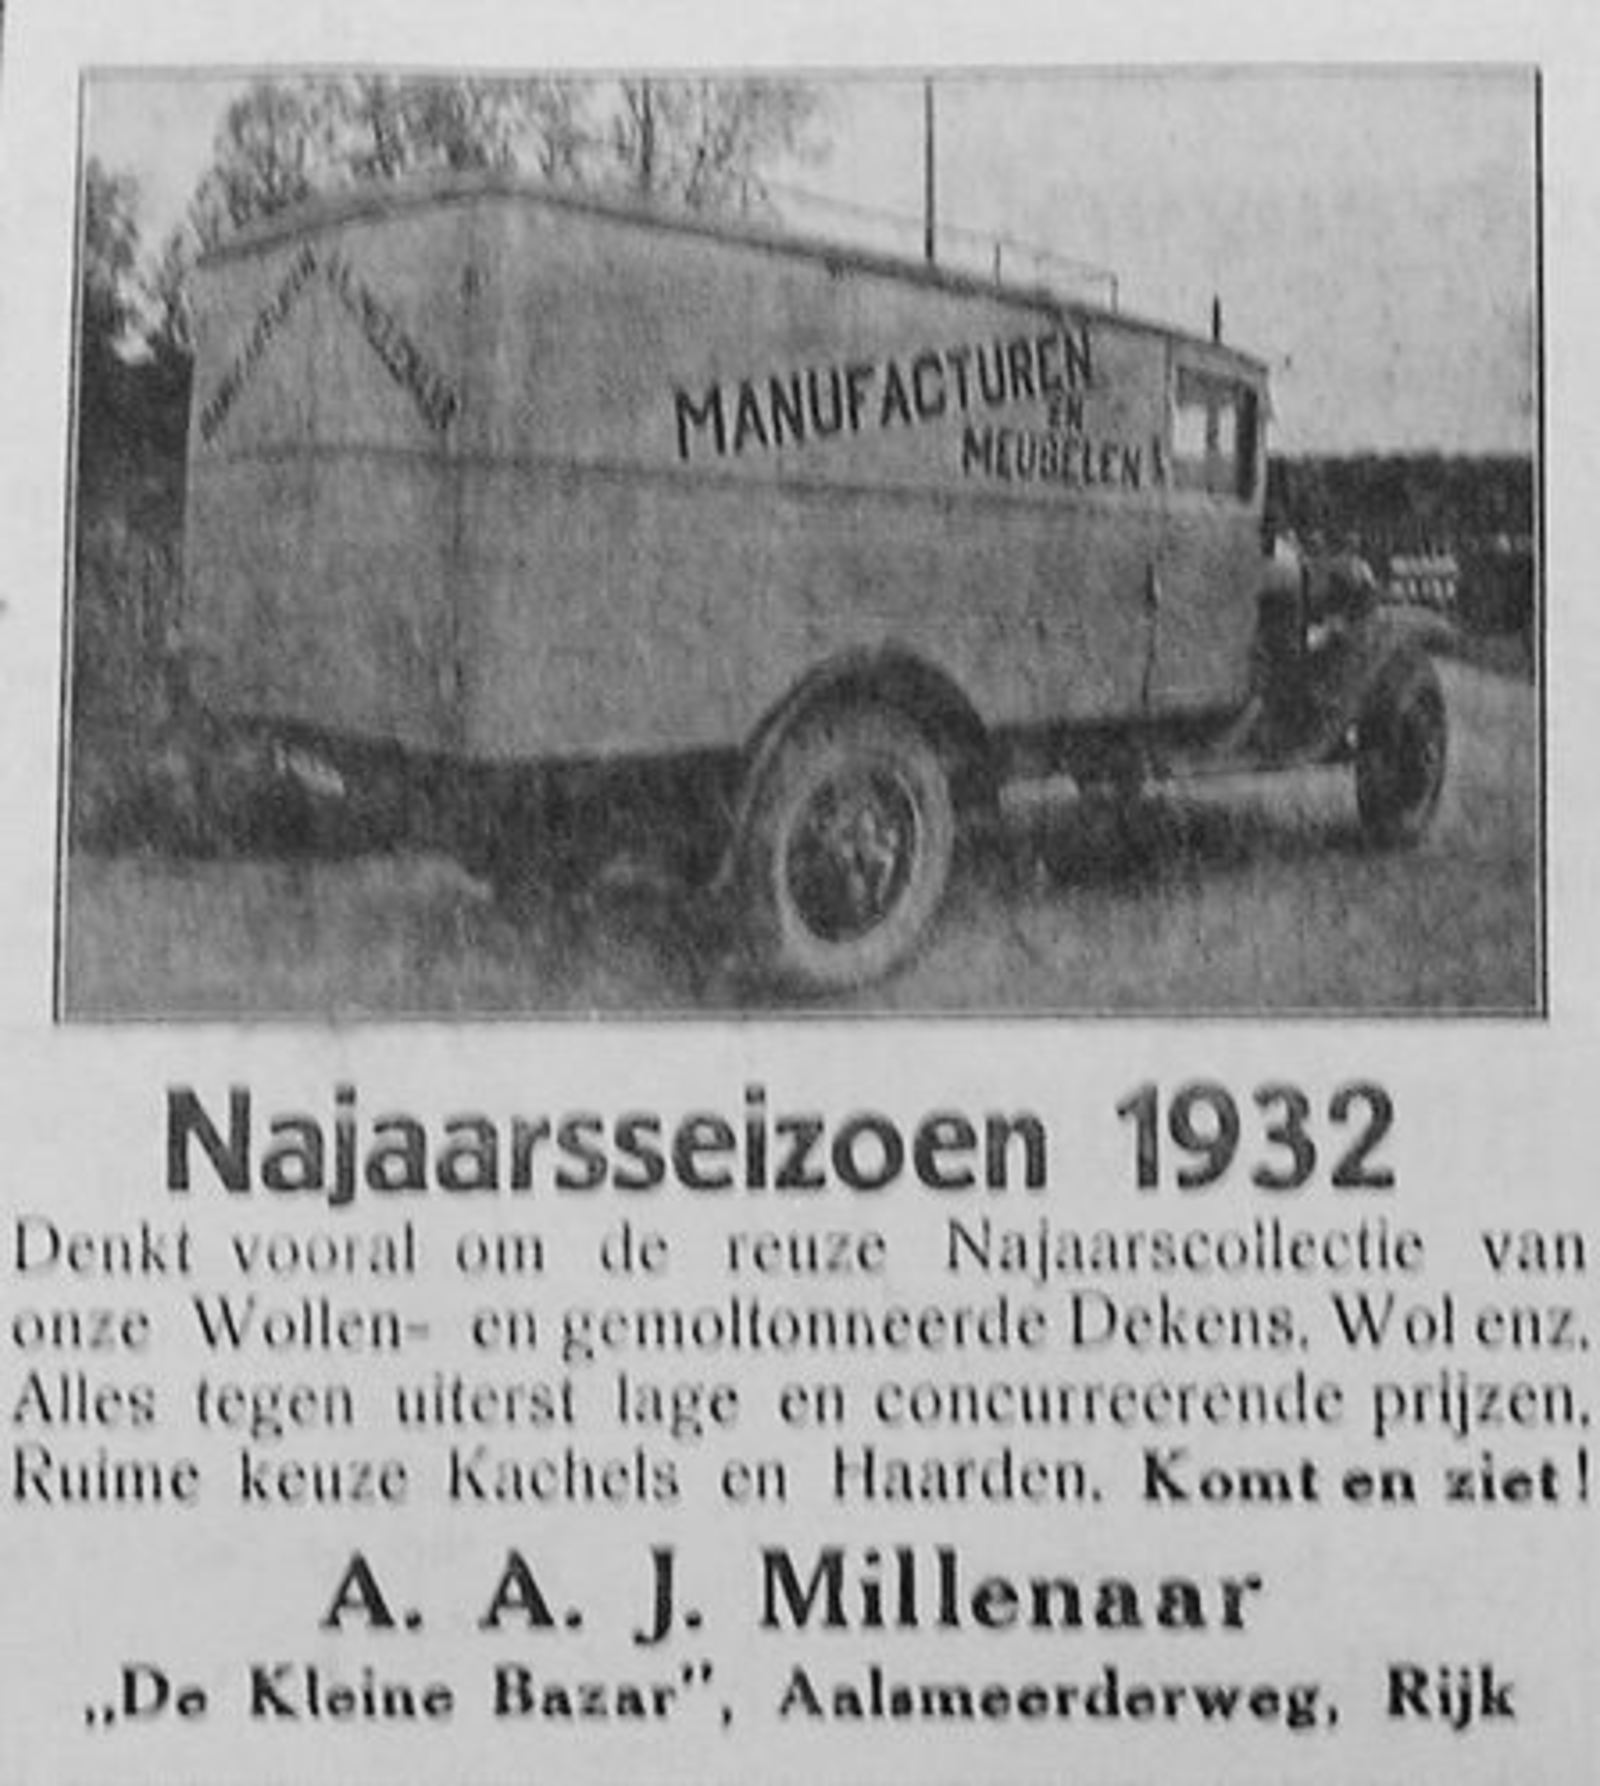 Aalsmeerderweg W 0511 Millenaar Manufacturen en Meubelen